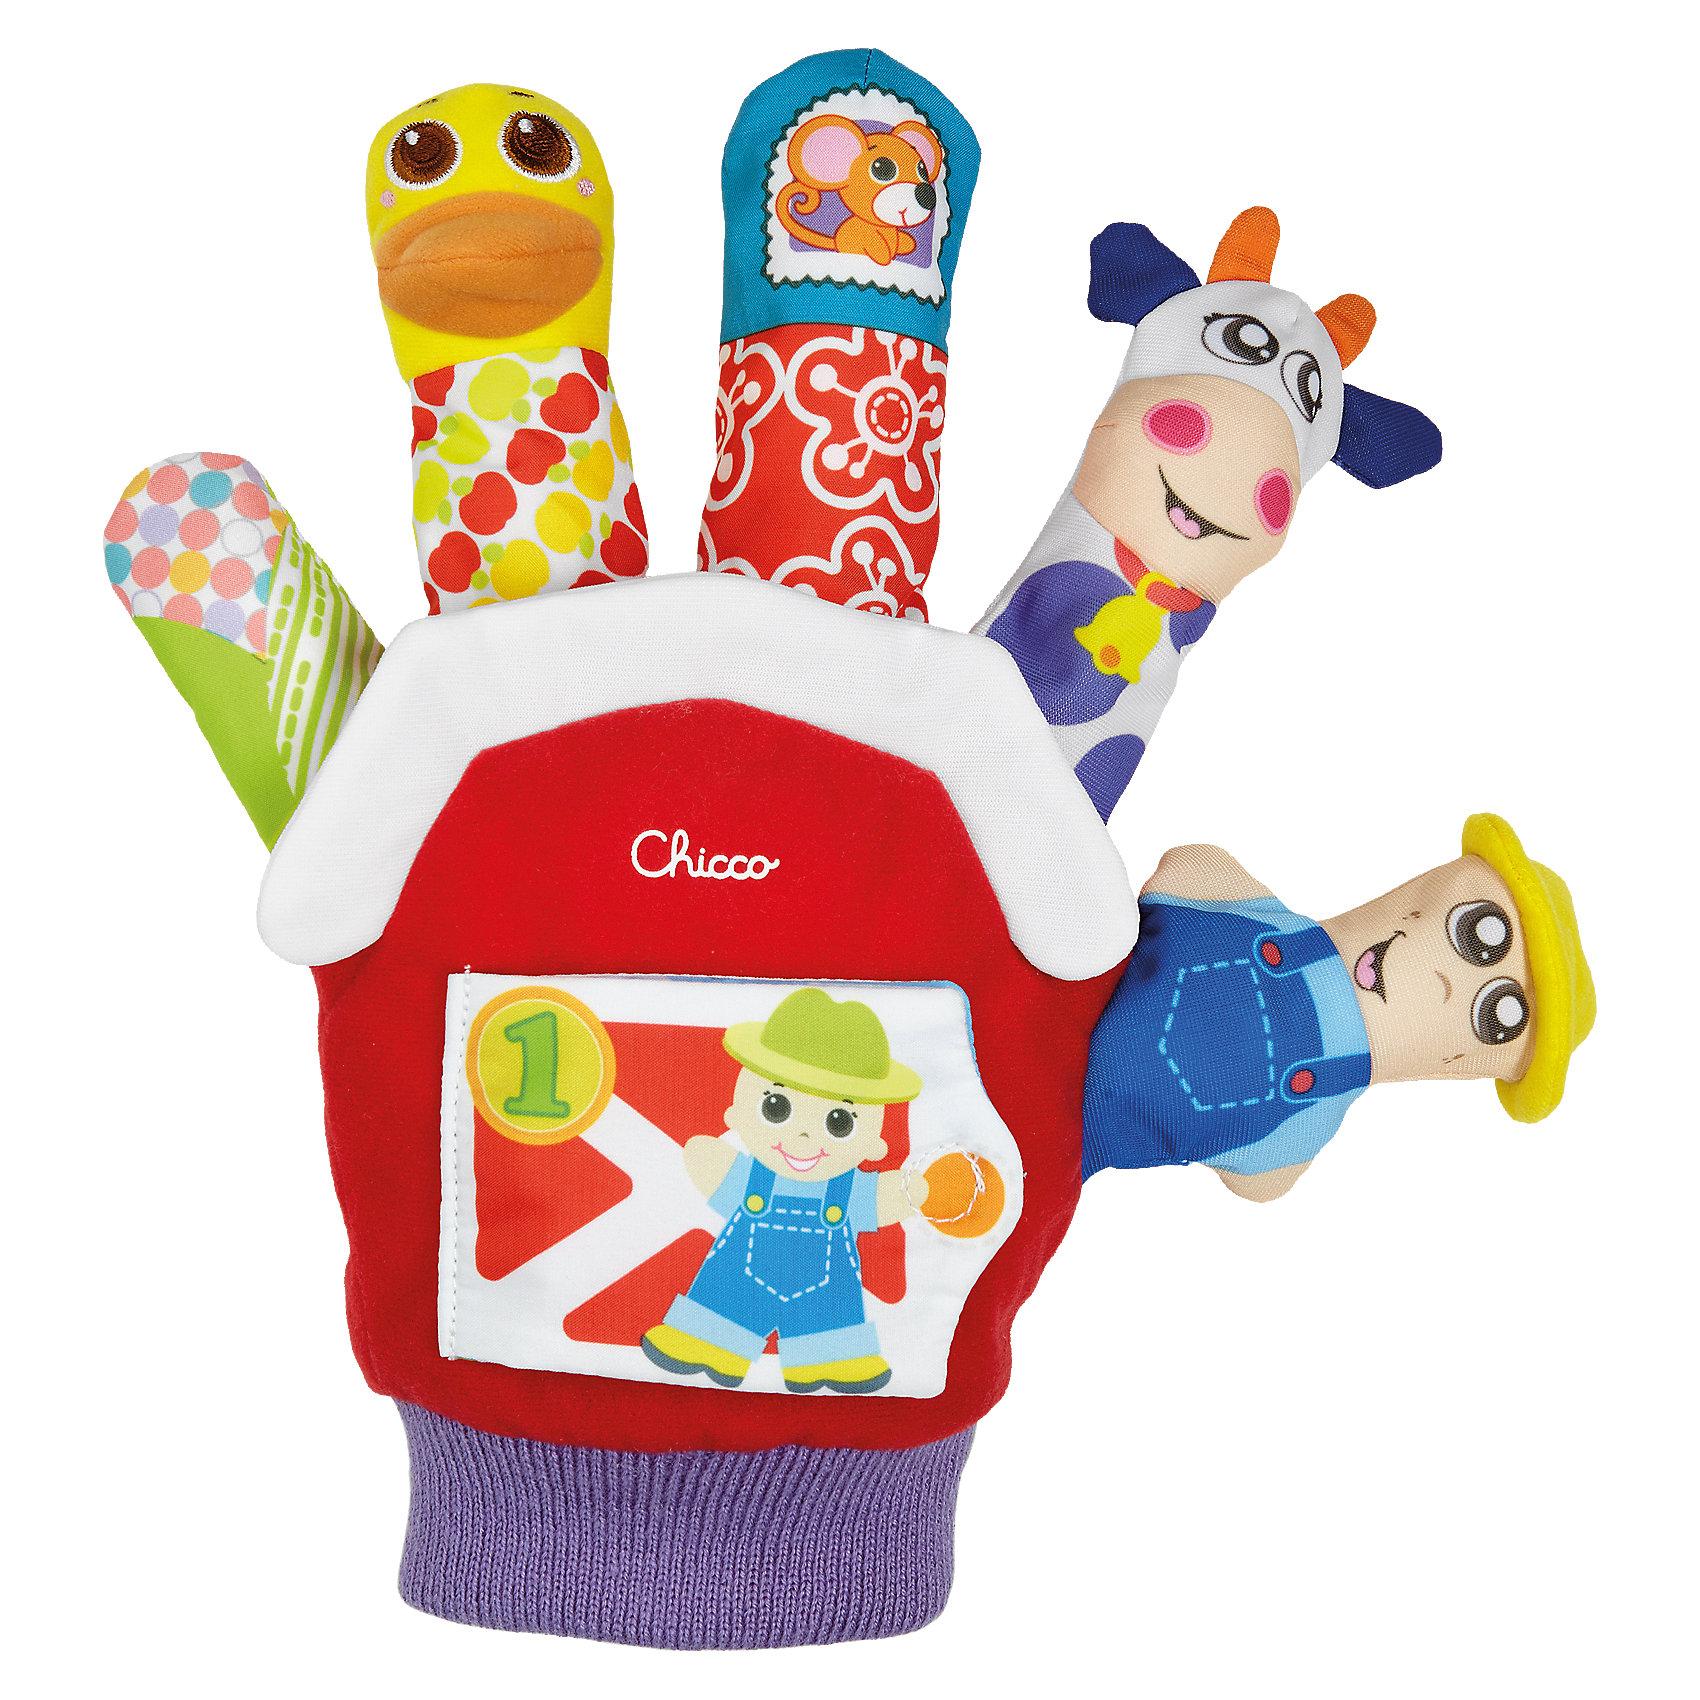 Перчатка-марионетка Ферма, CHICCOПерчатка-марионетка Ферма, CHICCO (ЧИКО) – эта забавная игрушка привлечет внимание вашего малыша.<br>Проведите чудесные мгновения с Вашим малышом с помощью этой перчатки для игр. Она поможет удержать его внимание, стимулировать восприятие и воображение. Малыш с интересом будет следить за движением пальчиковых кукол: фермера, утки, мышки, коровы. На мизинце перчатки изображено пшеничное поле. Перчатка-марионетка позволит вам придумывать увлекательные истории. Также имеется книга из трех страниц, закреплённая на перчатке, которая поможет научить вашего малыша считать до трех. В книге изображены фермер, 2 ягненка, 3 поросенка. Перчатка имеет большой размер и эластичный манжет, ее легко надевать.<br><br>Дополнительная информация:<br><br>- Материал: текстиль<br>- Размер упаковки: 260х245х50 мм.<br>- Вес: 140 гр.<br><br>Перчатку-марионетку Ферма, CHICCO (ЧИКО) можно купить в нашем интернет-магазине.<br><br>Ширина мм: 270<br>Глубина мм: 231<br>Высота мм: 71<br>Вес г: 167<br>Возраст от месяцев: 3<br>Возраст до месяцев: 24<br>Пол: Унисекс<br>Возраст: Детский<br>SKU: 4577230